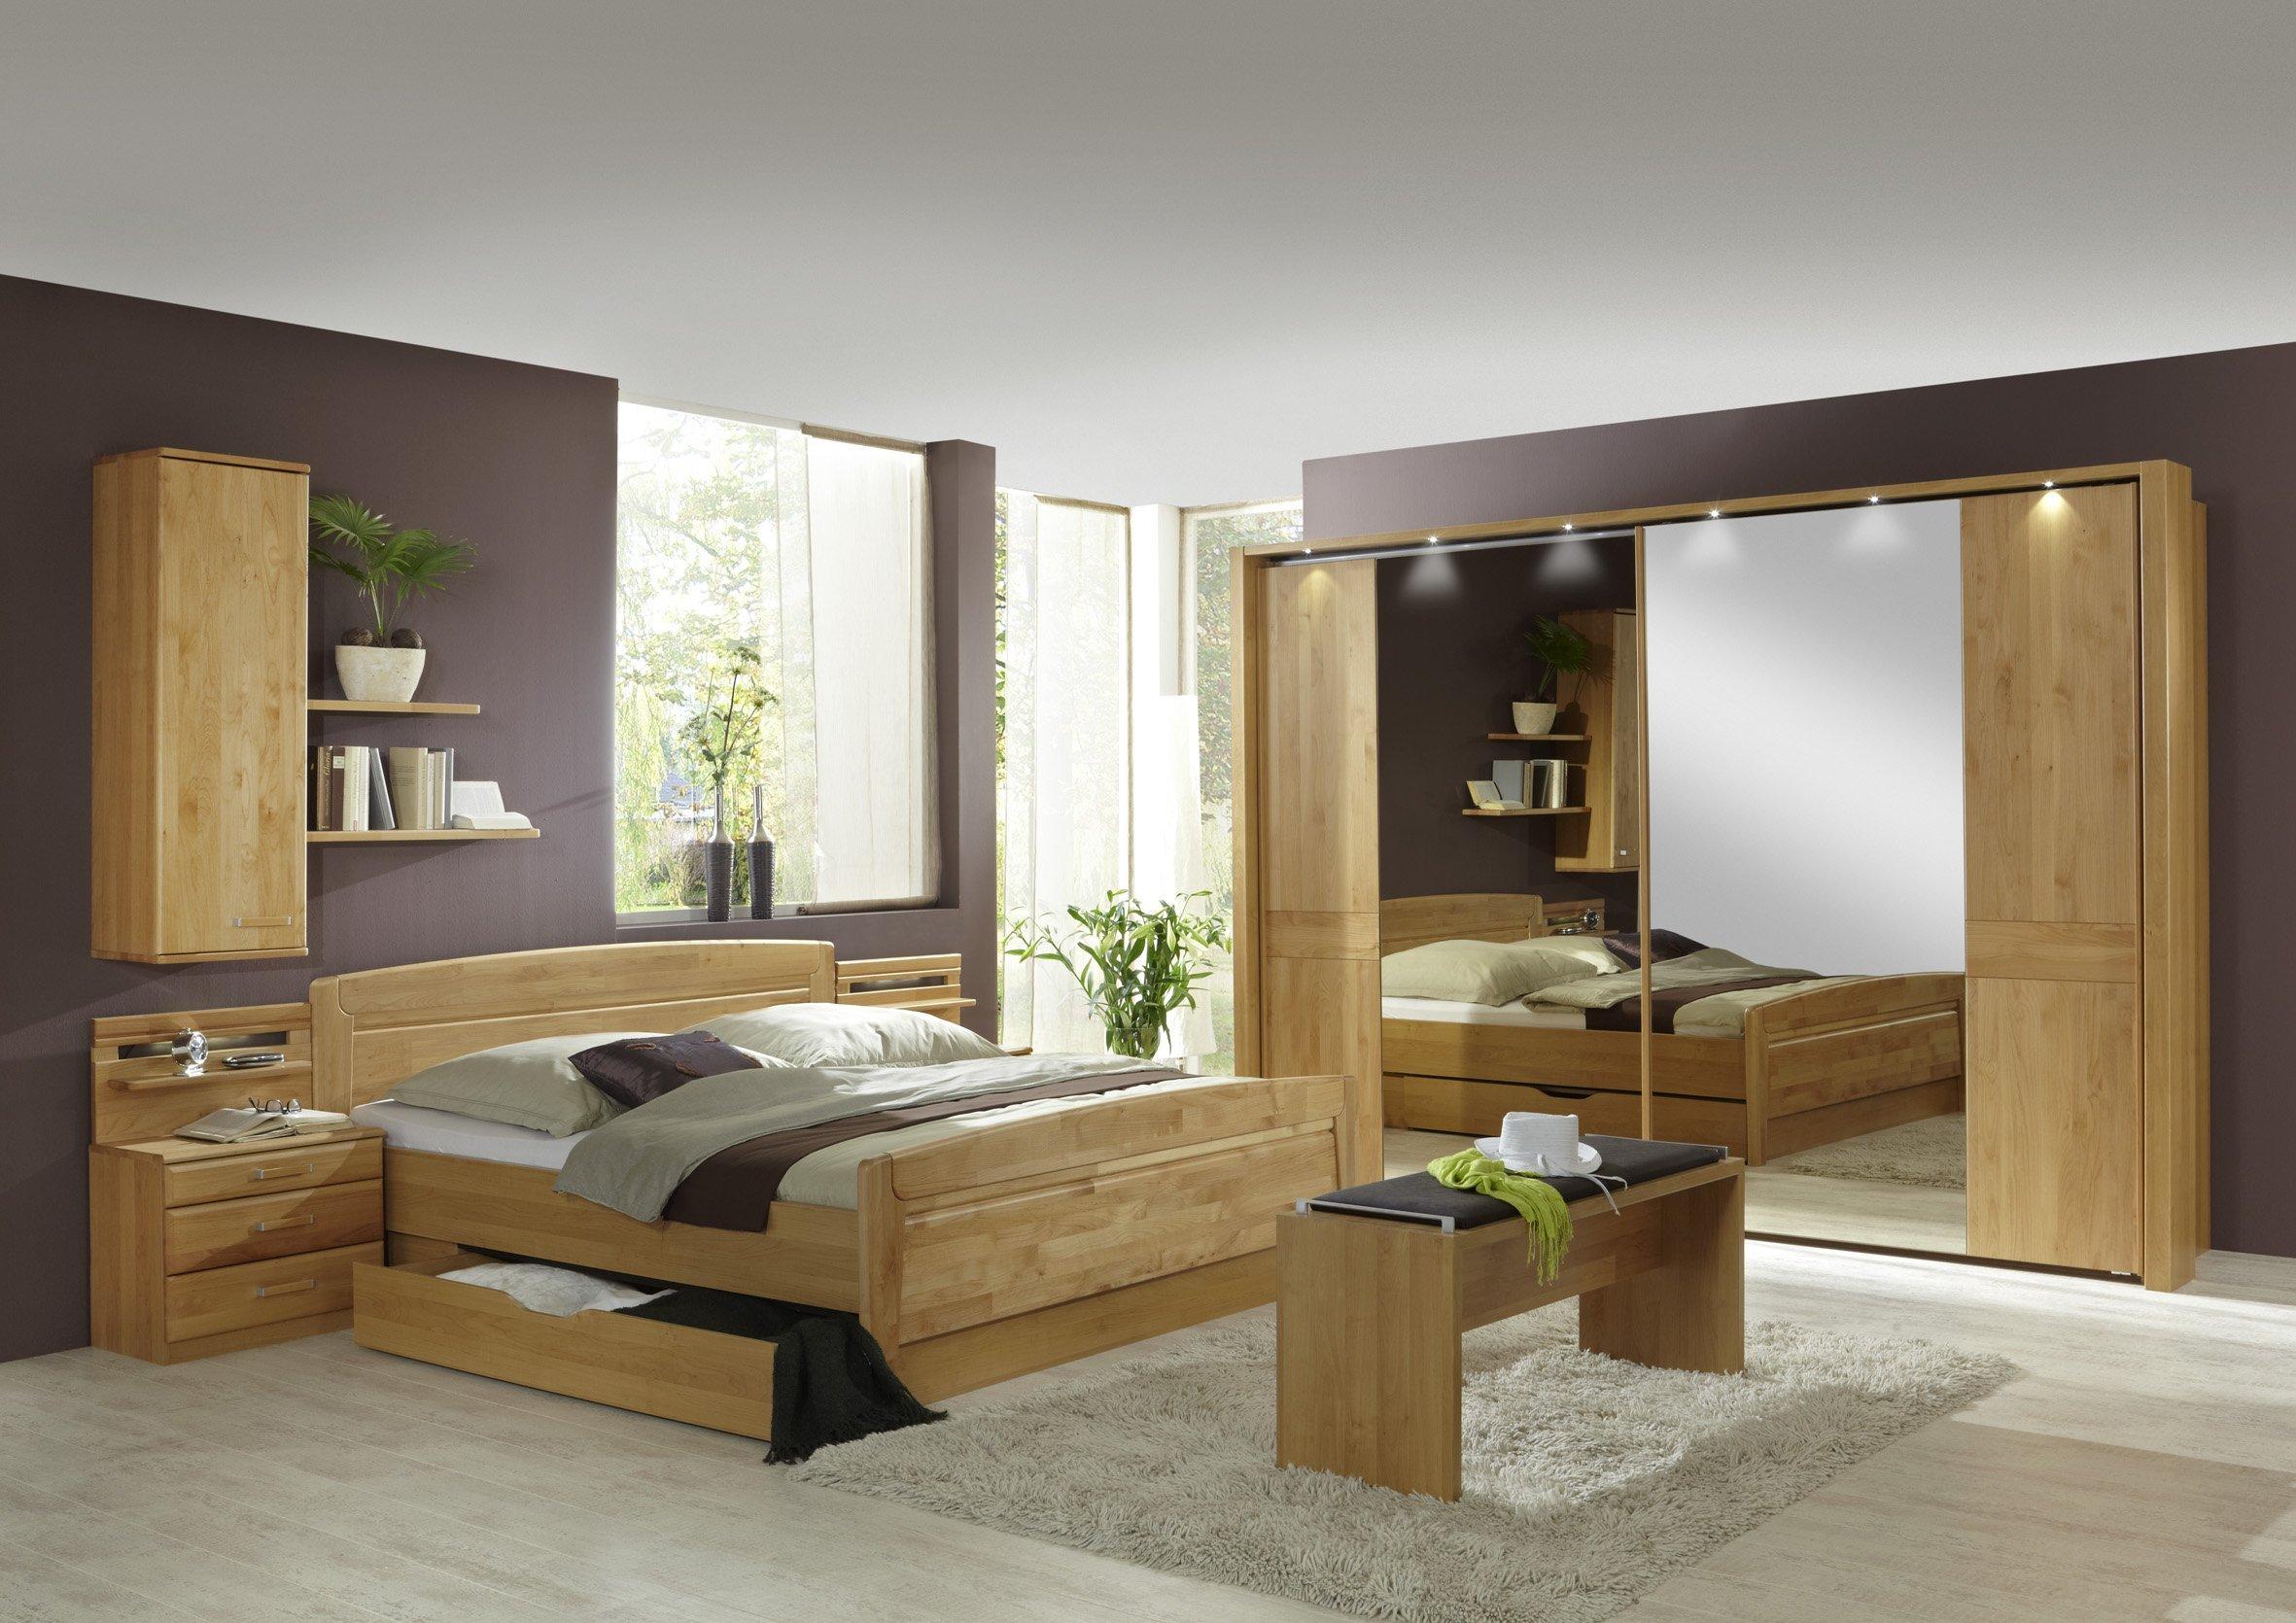 Schlafzimmer Lausanne Vorschlag 3 von Wiemann Möbel